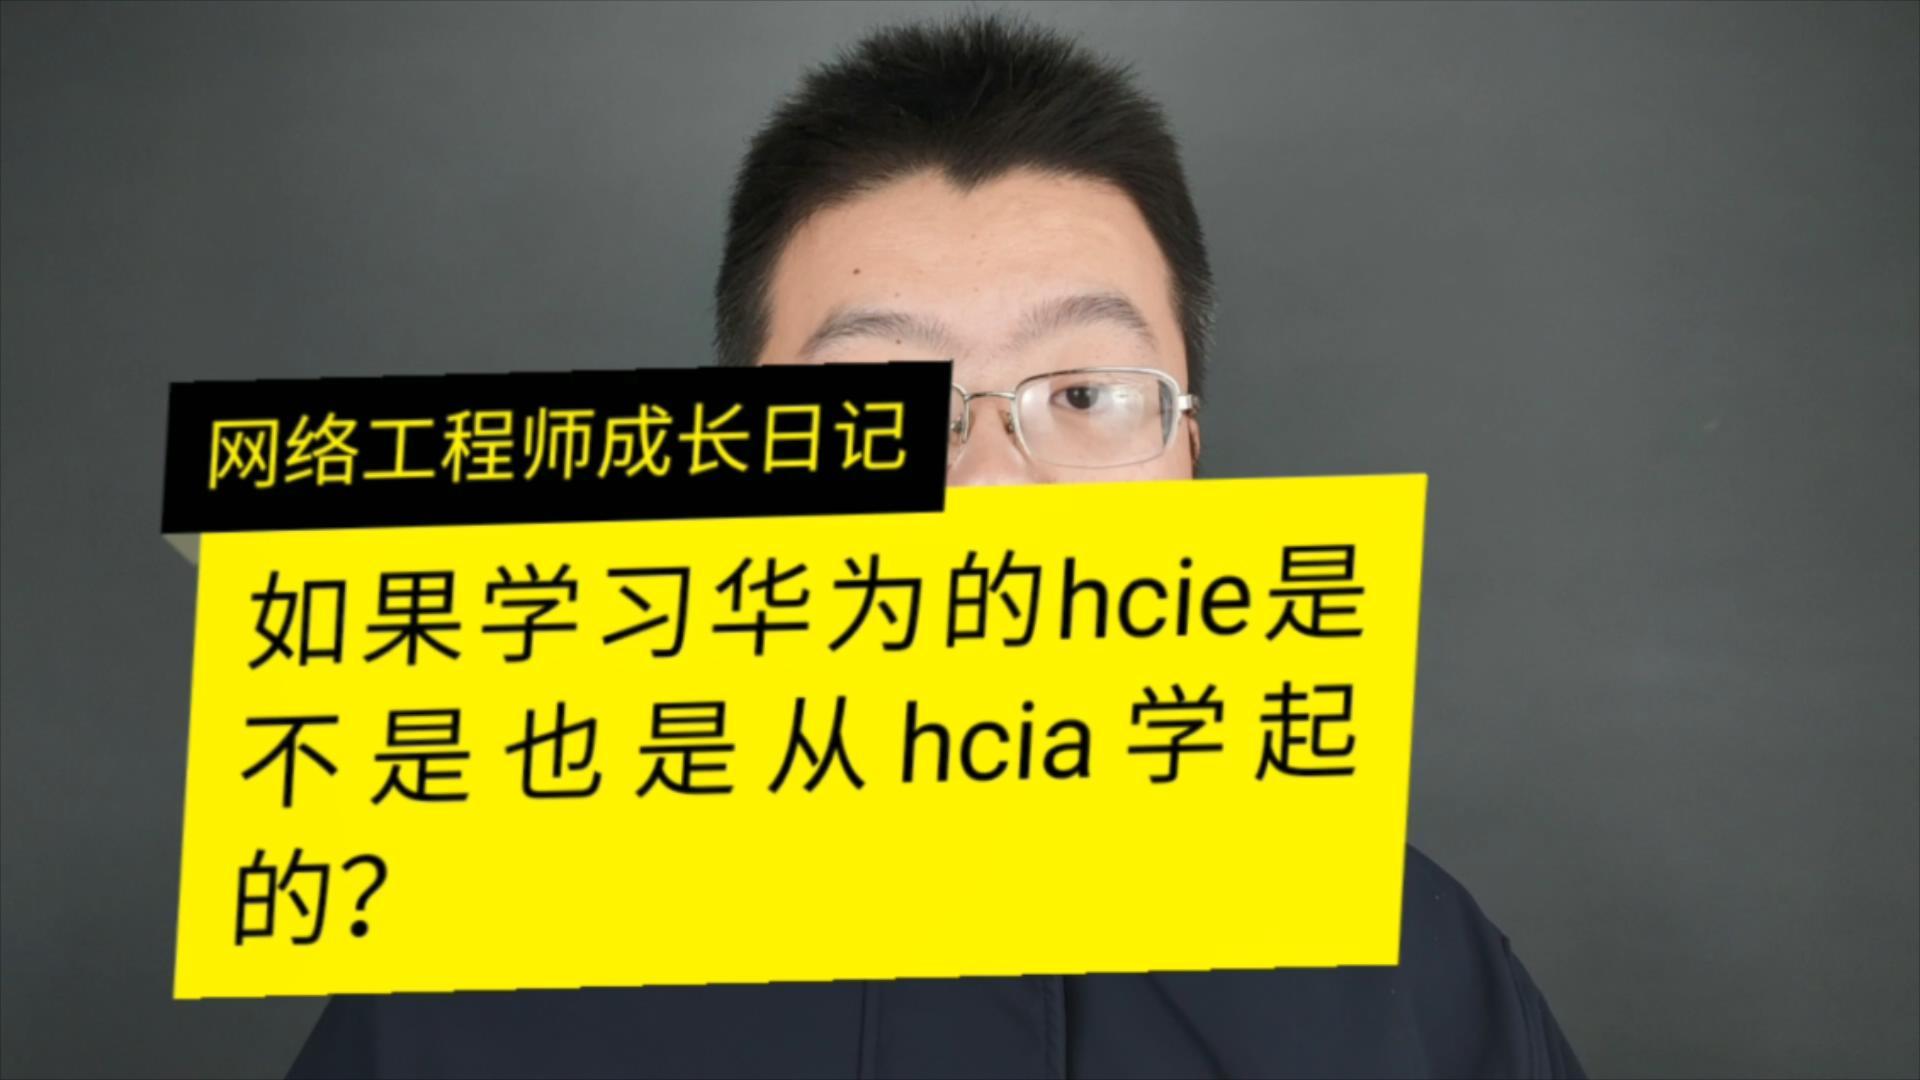 学习HCIE是不是从HCIA学习开始的